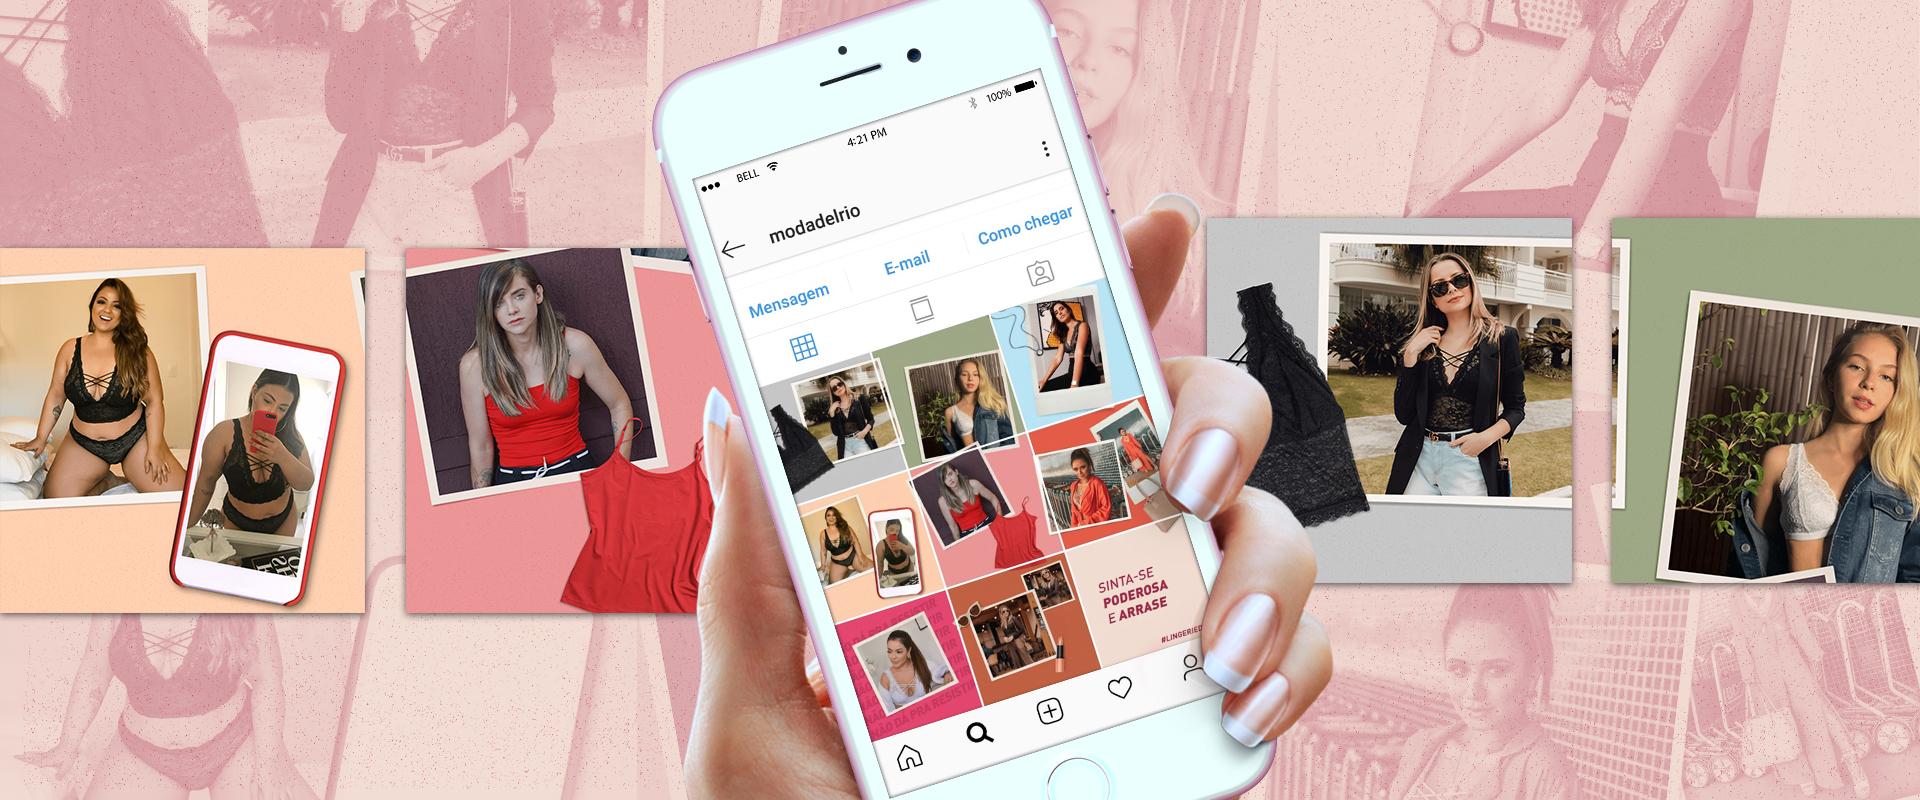 Ações com influencers ampliam a presença da DelRio no digital